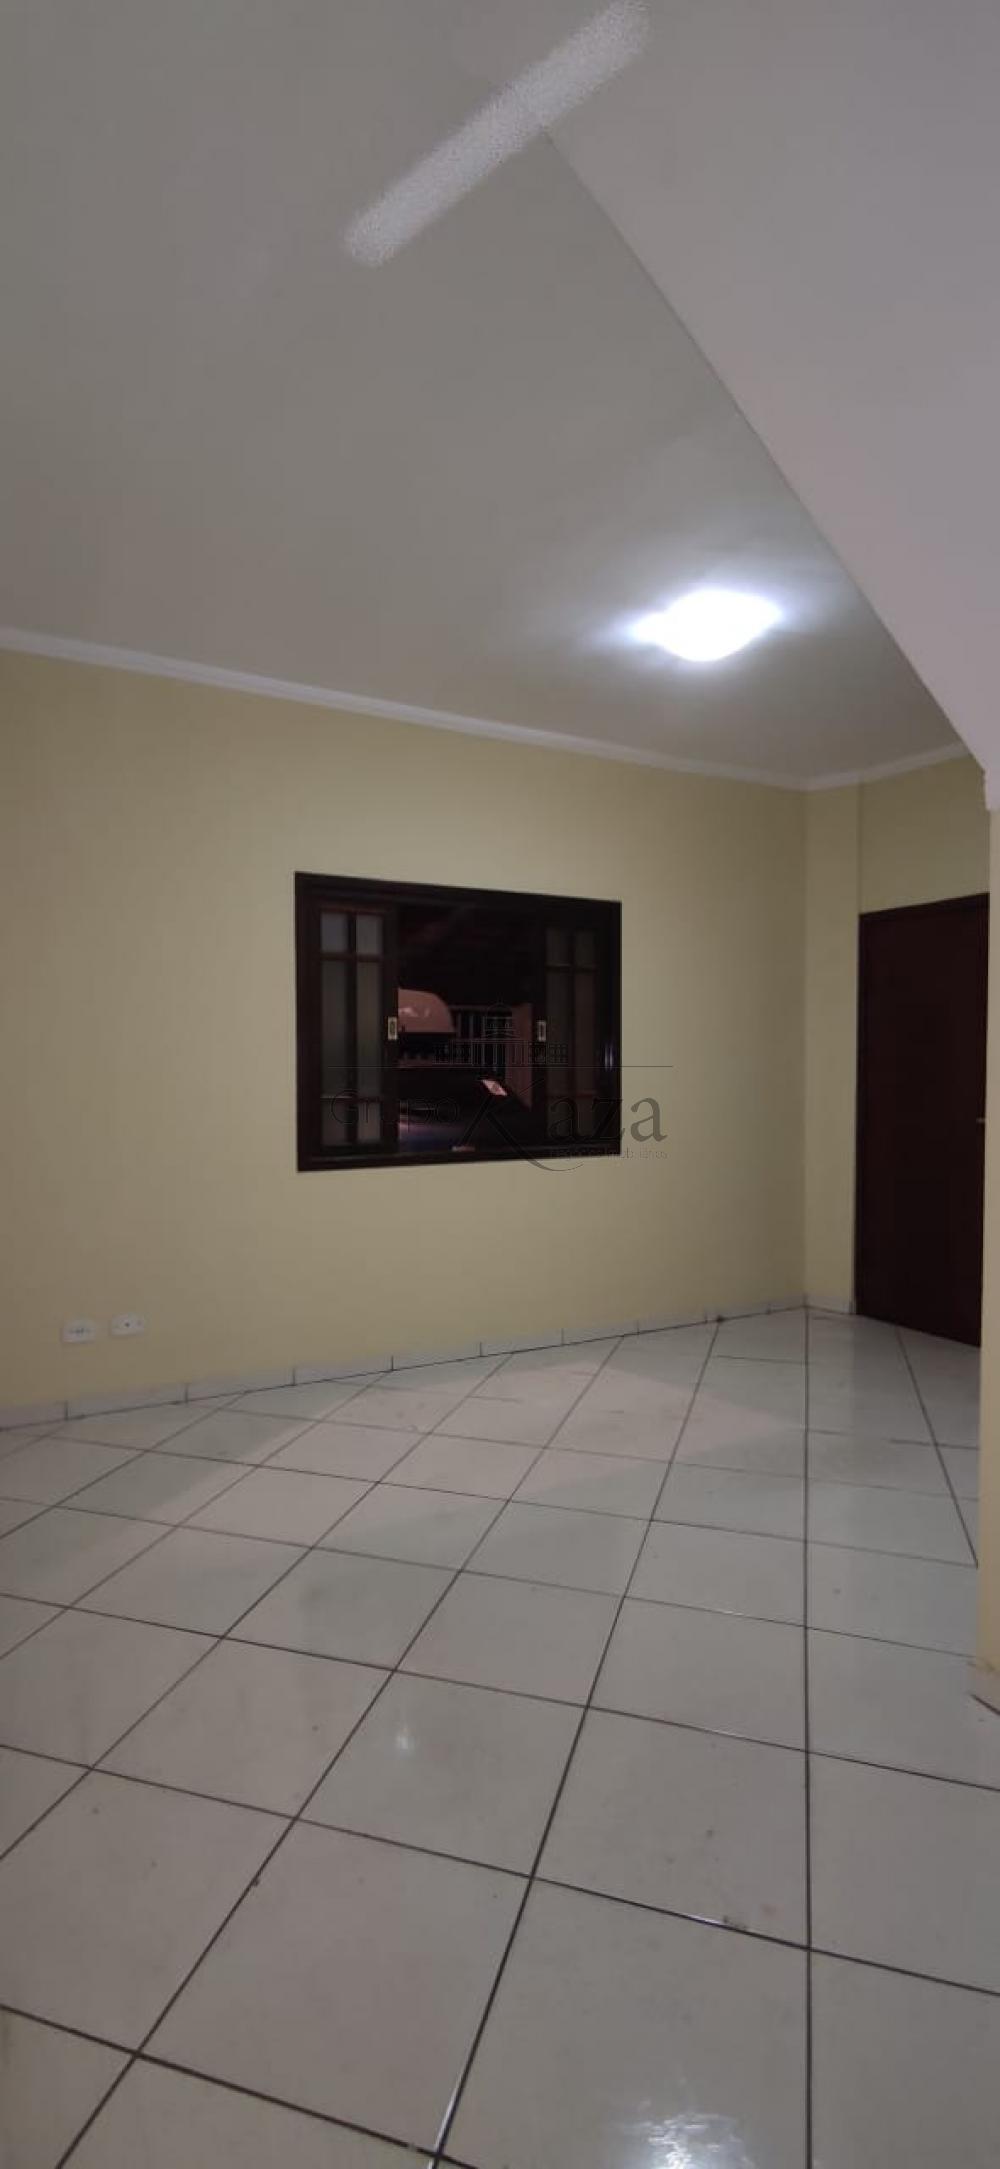 alt='Comprar Casa / Sobrado em São José dos Campos R$ 430.000,00 - Foto 14' title='Comprar Casa / Sobrado em São José dos Campos R$ 430.000,00 - Foto 14'